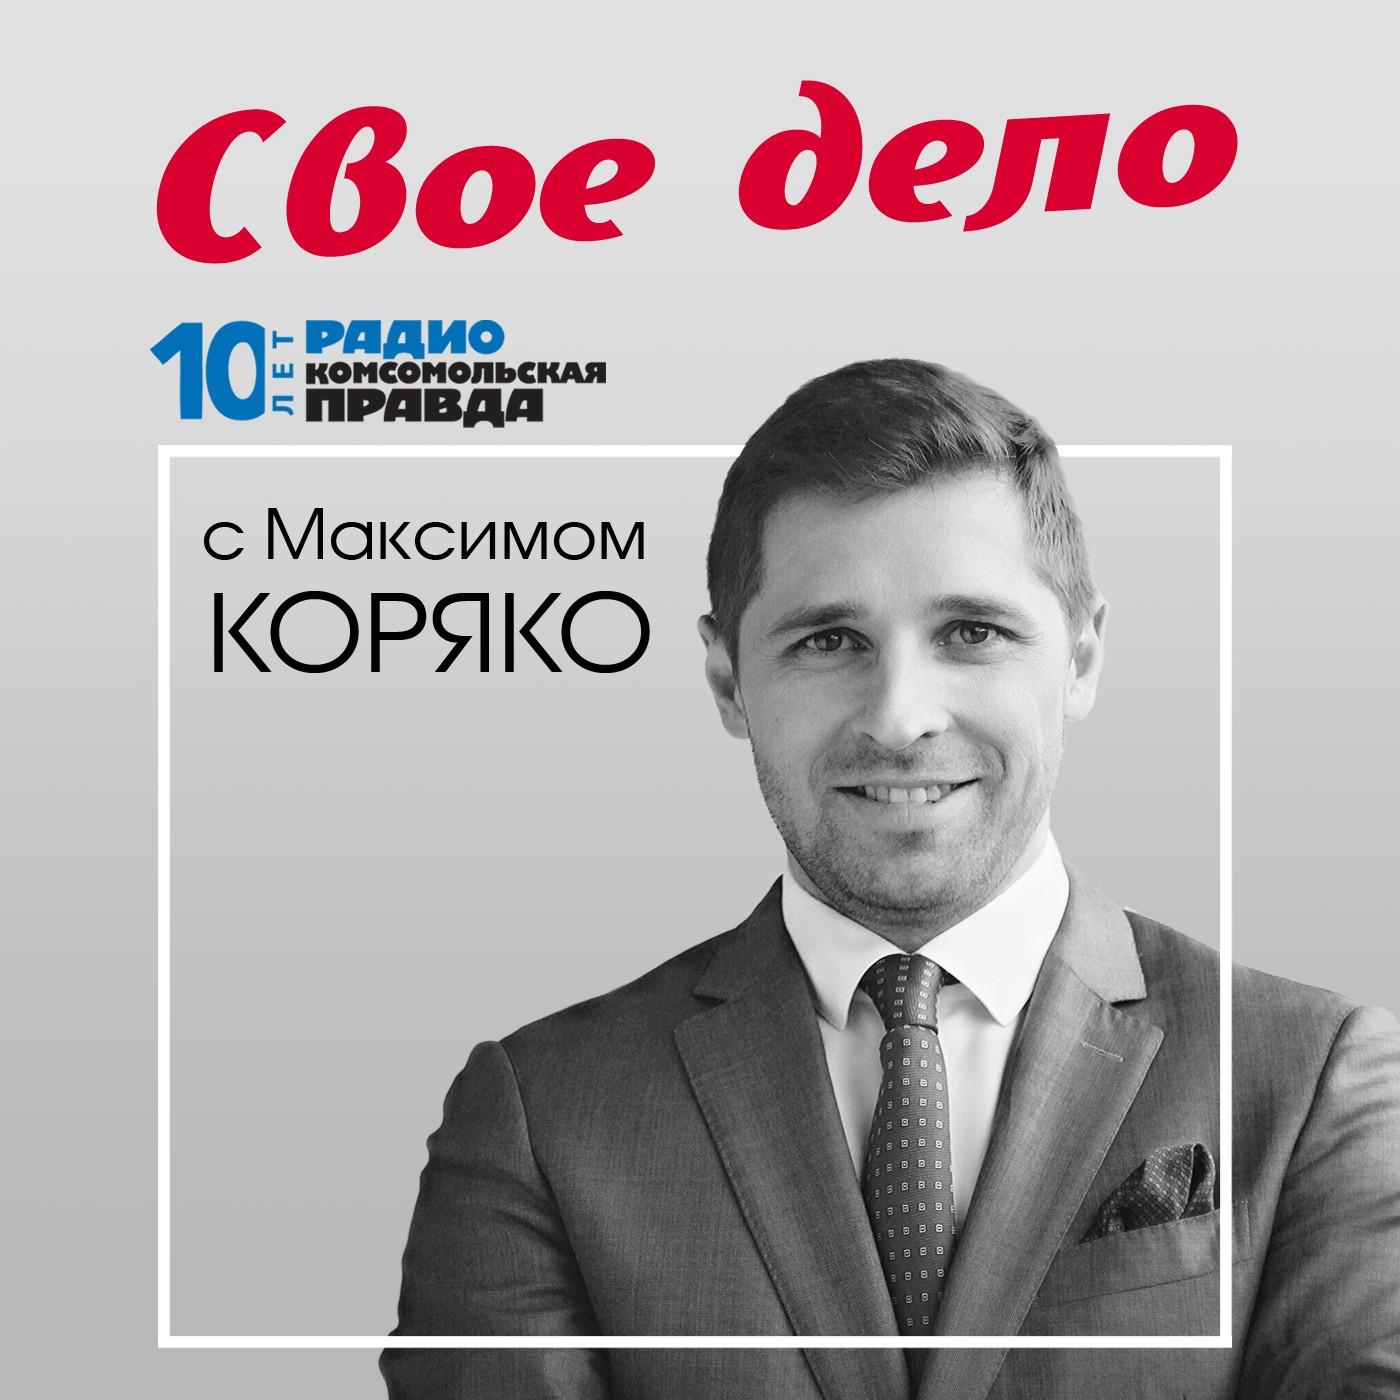 Радио «Комсомольская правда» Восточный экономический форум перегнал Петербургский по привлекательности